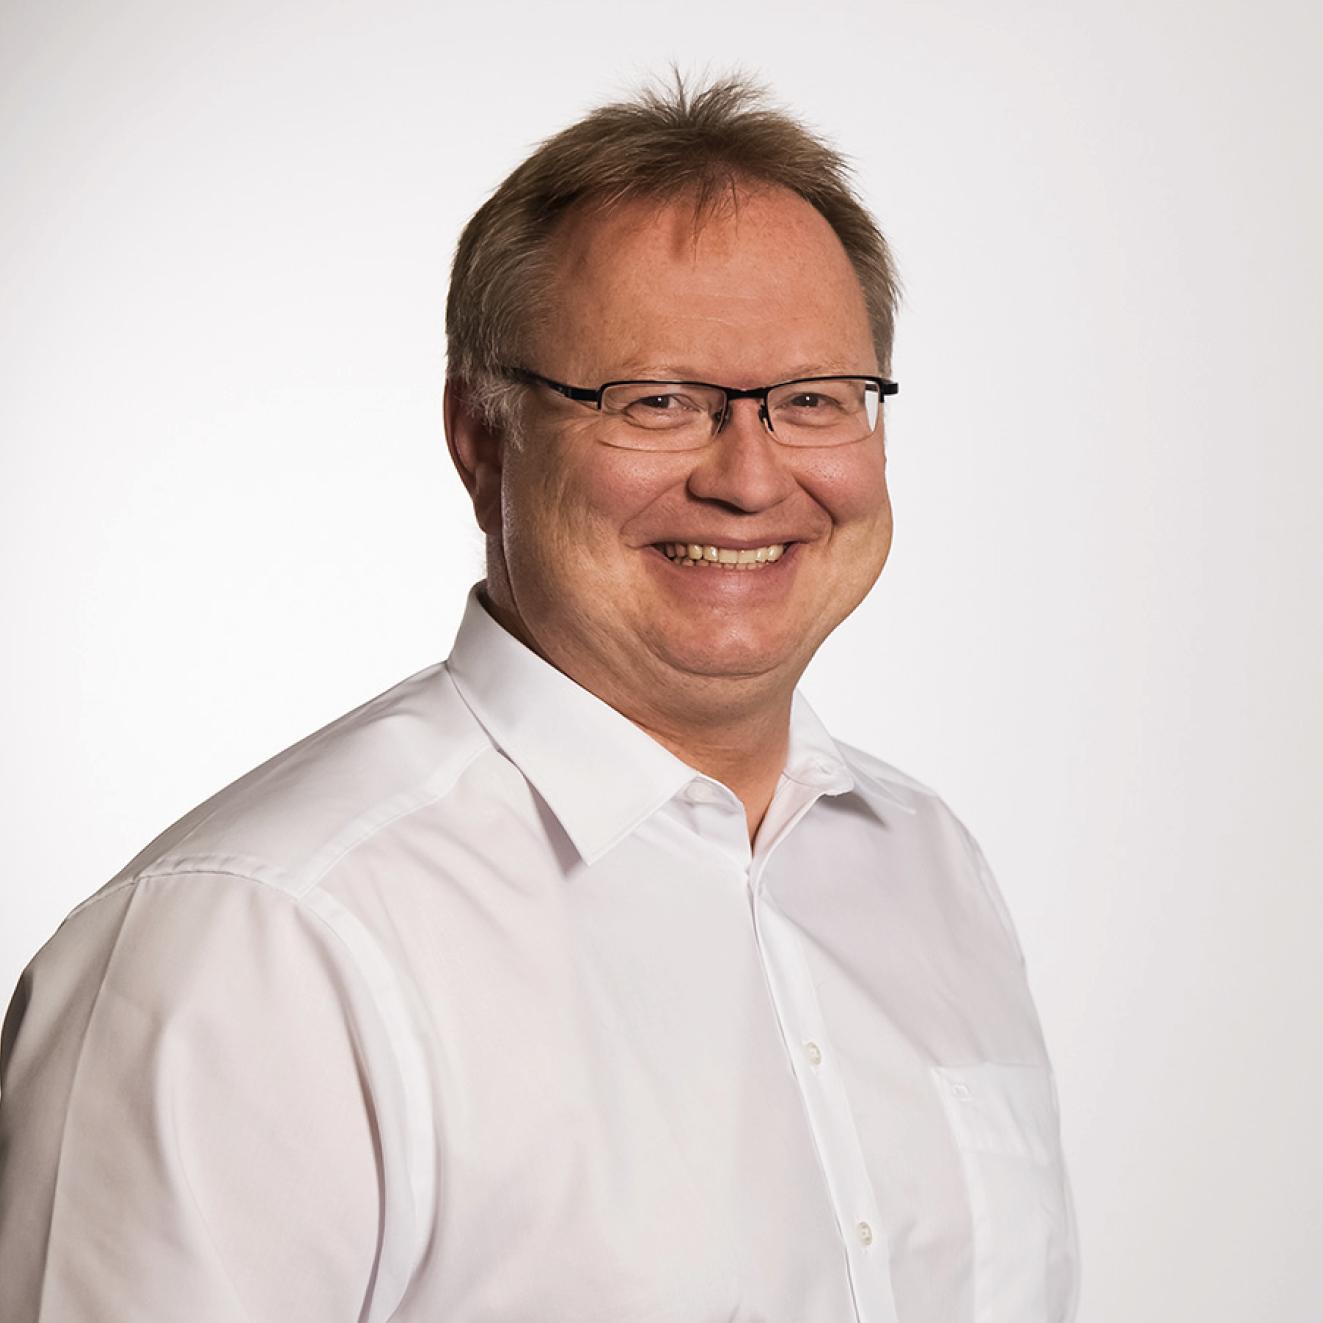 Lars Fuhr